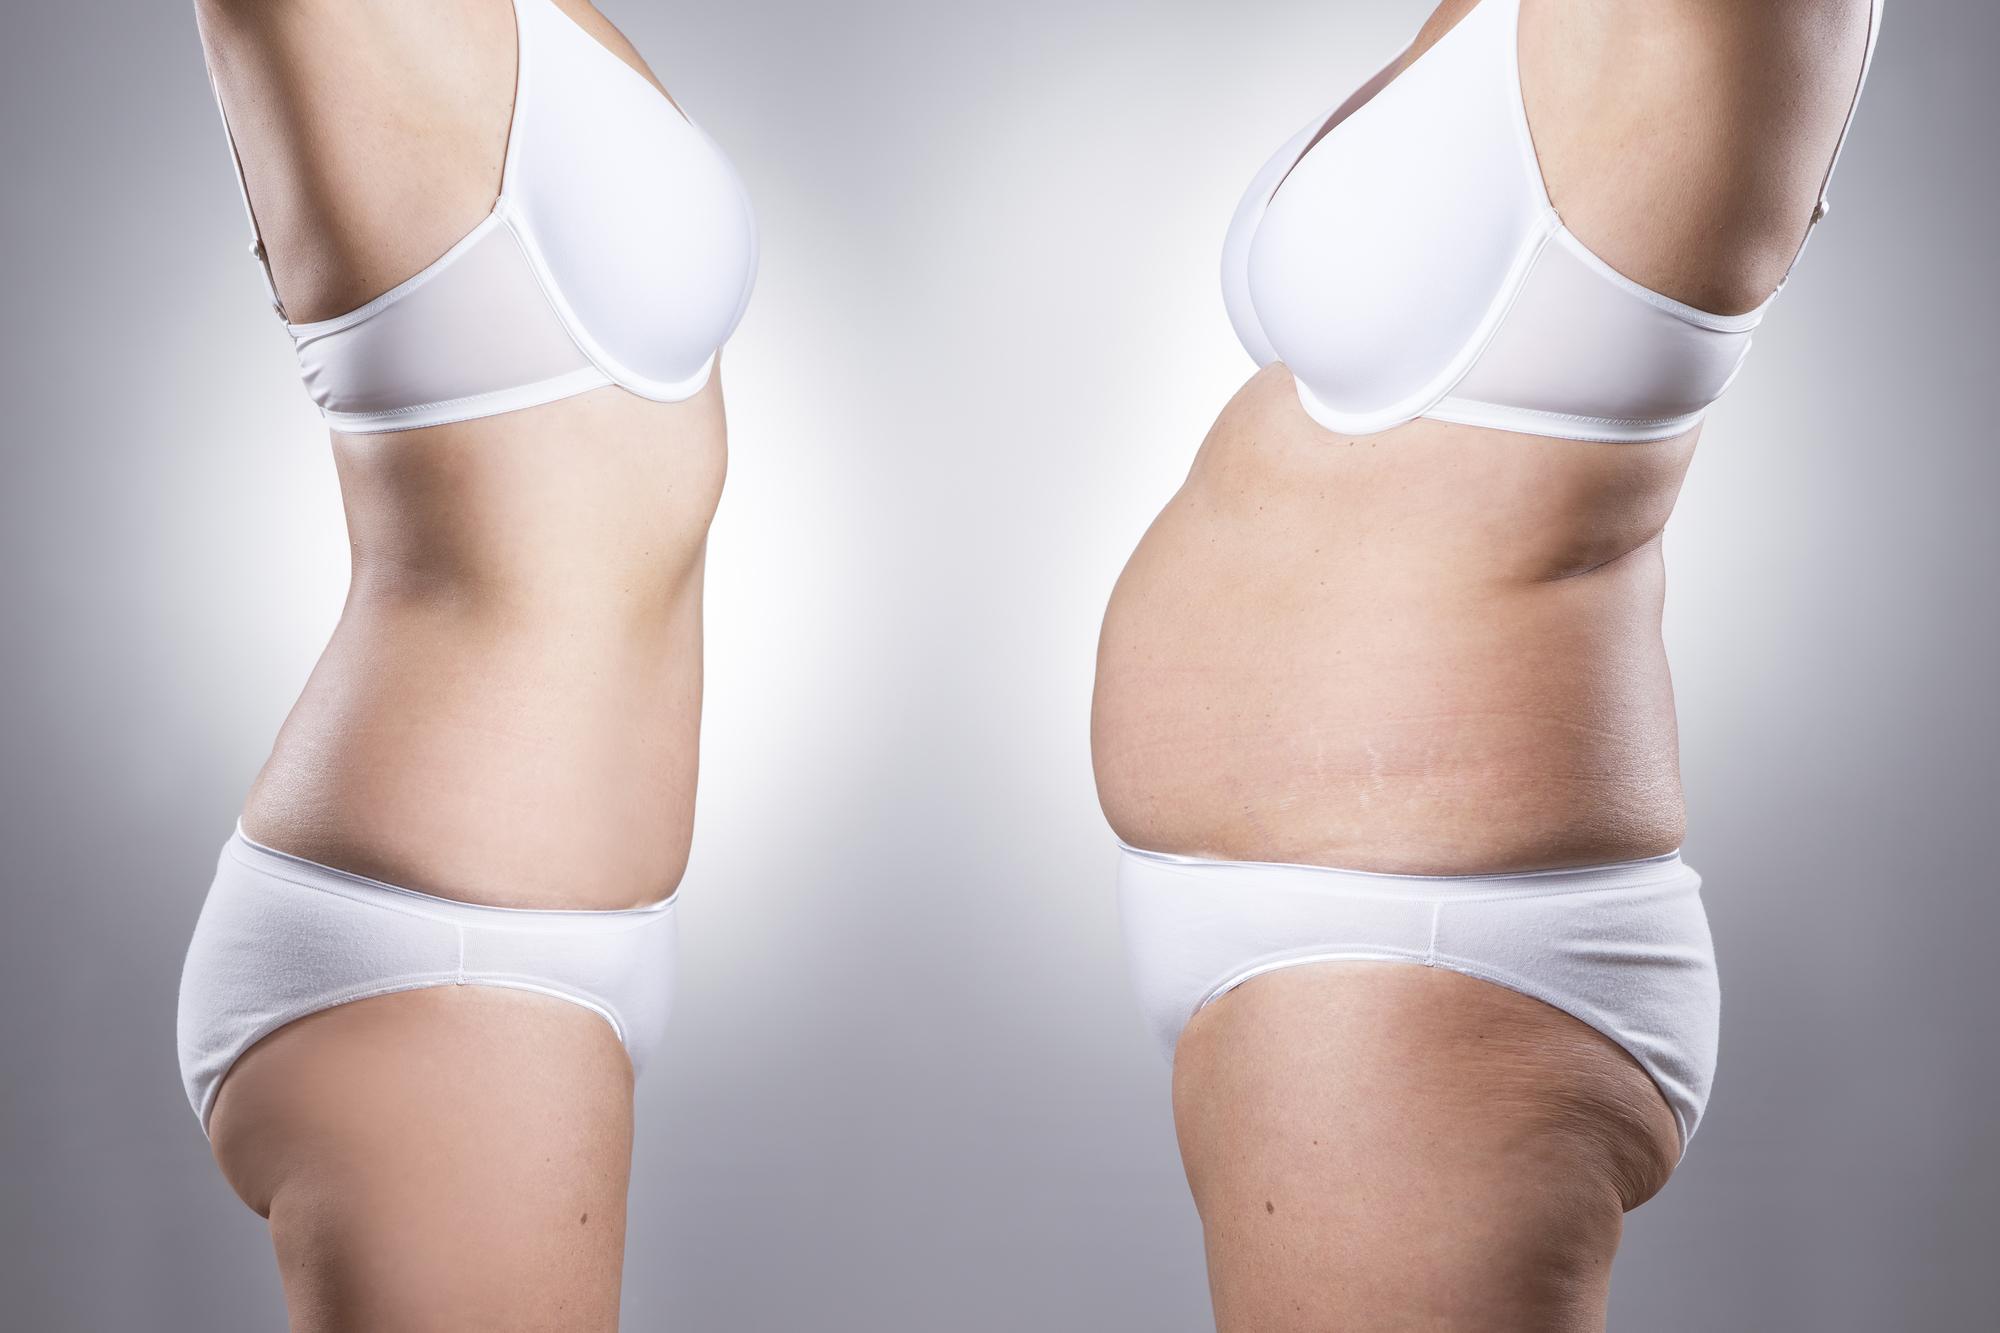 Как лишний вес влияет на здоровье